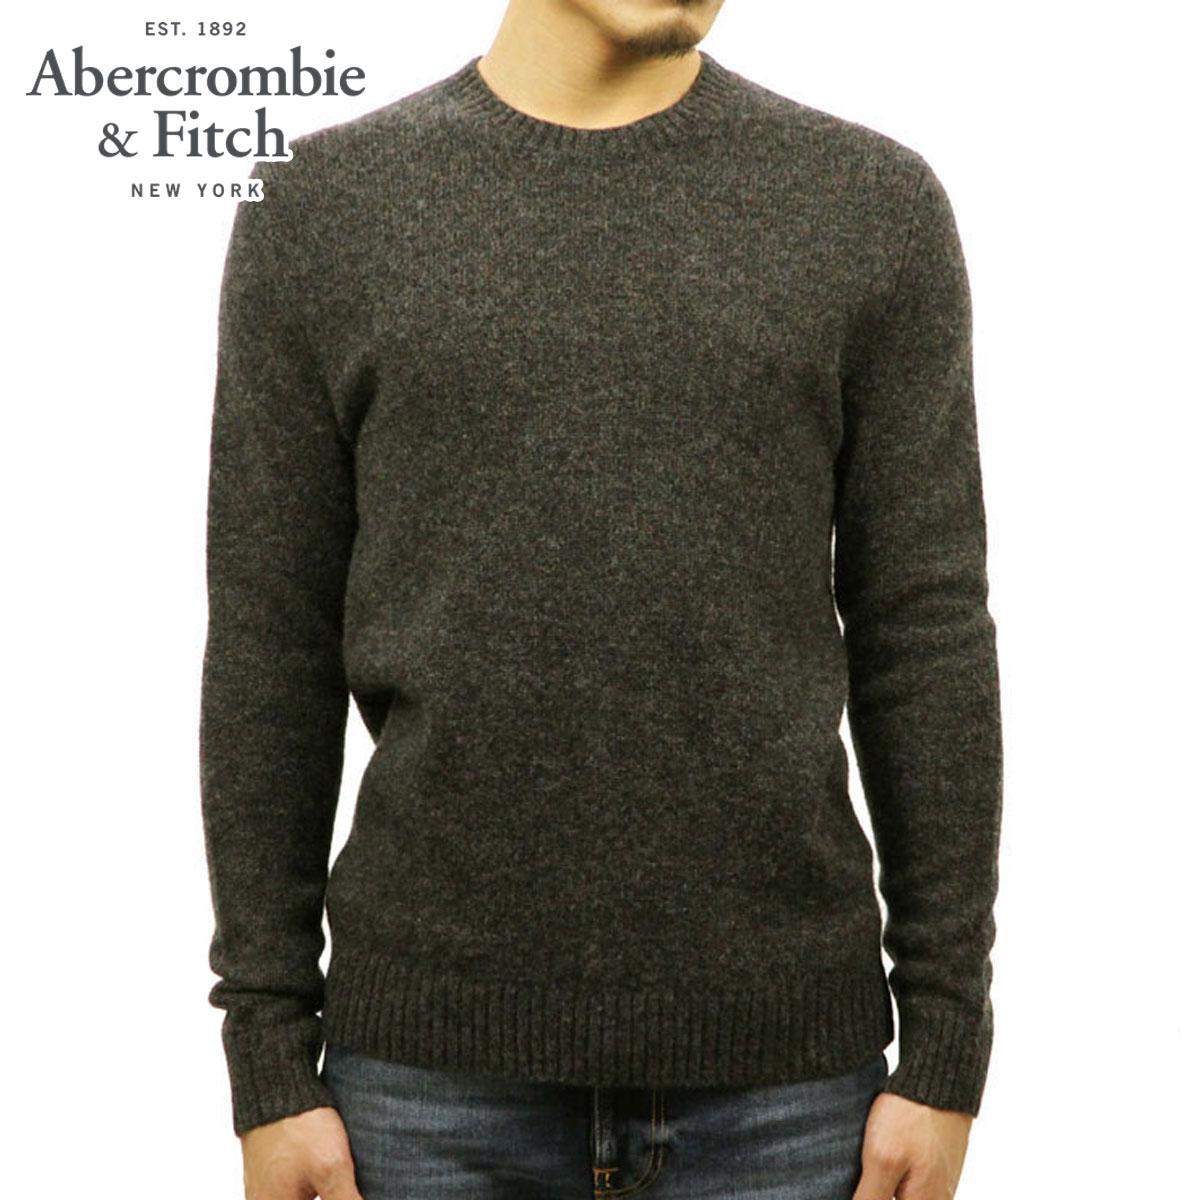 アバクロ セーター メンズ 正規品 Abercrombie&Fitch クルーネックセーター  WOOL FUZZY CREW SWEATER 120-201-1100-130 A02B B1C C1D D7E E02F